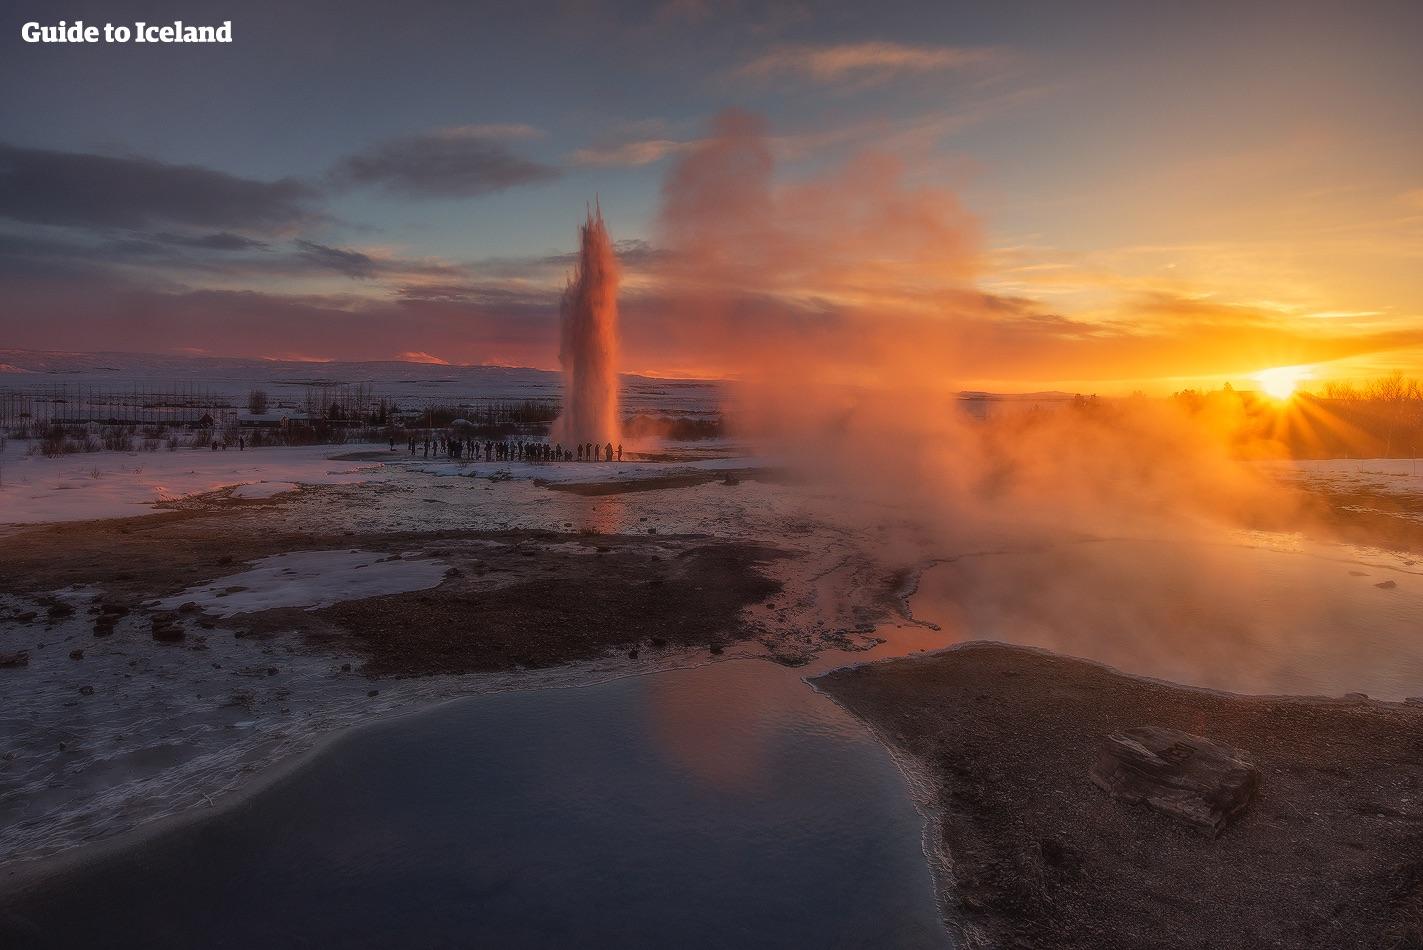 """Effekterna av den ständiga """"skymningen"""" som de få soltimmarna under Islands vinter medför ger lysande fotomöjligheter på platser som Geysirs geotermiska område på södra Island."""